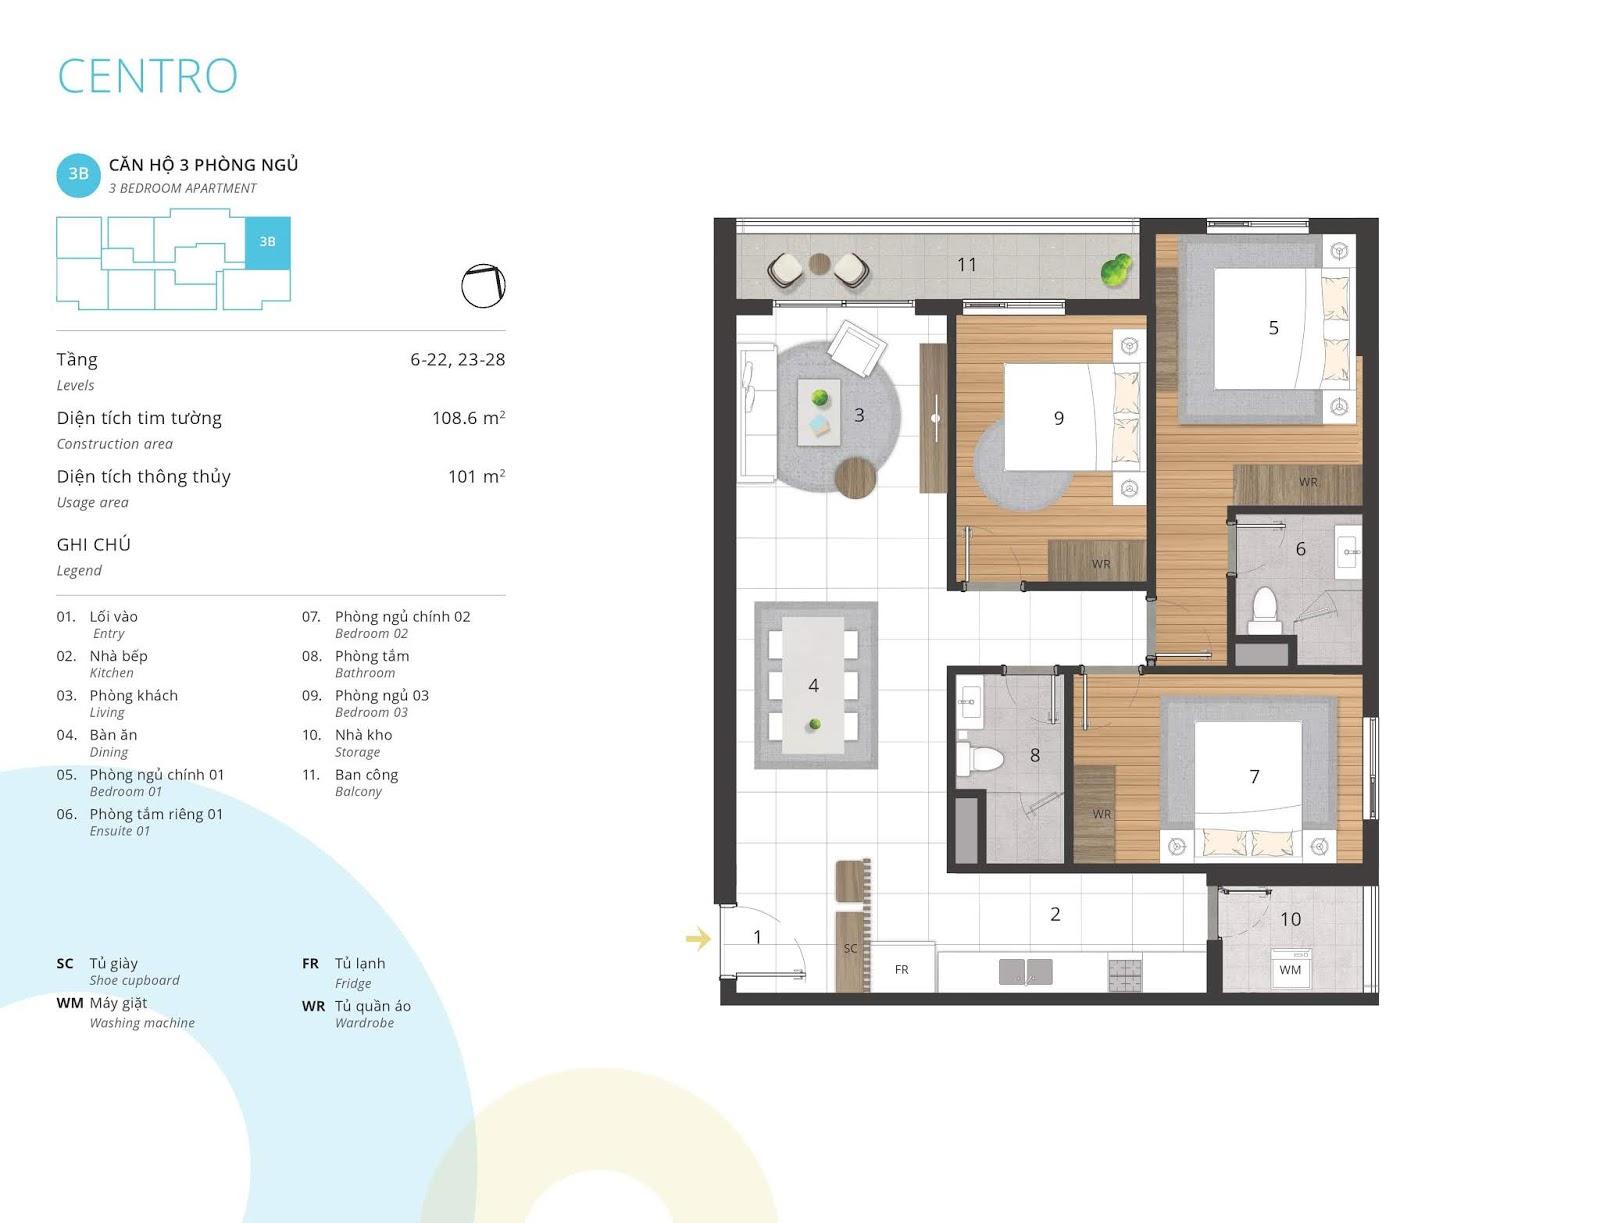 Mặt bằng căn hộ 3 phòng ngủ 101 m2 thông thủy tòa CENTRO